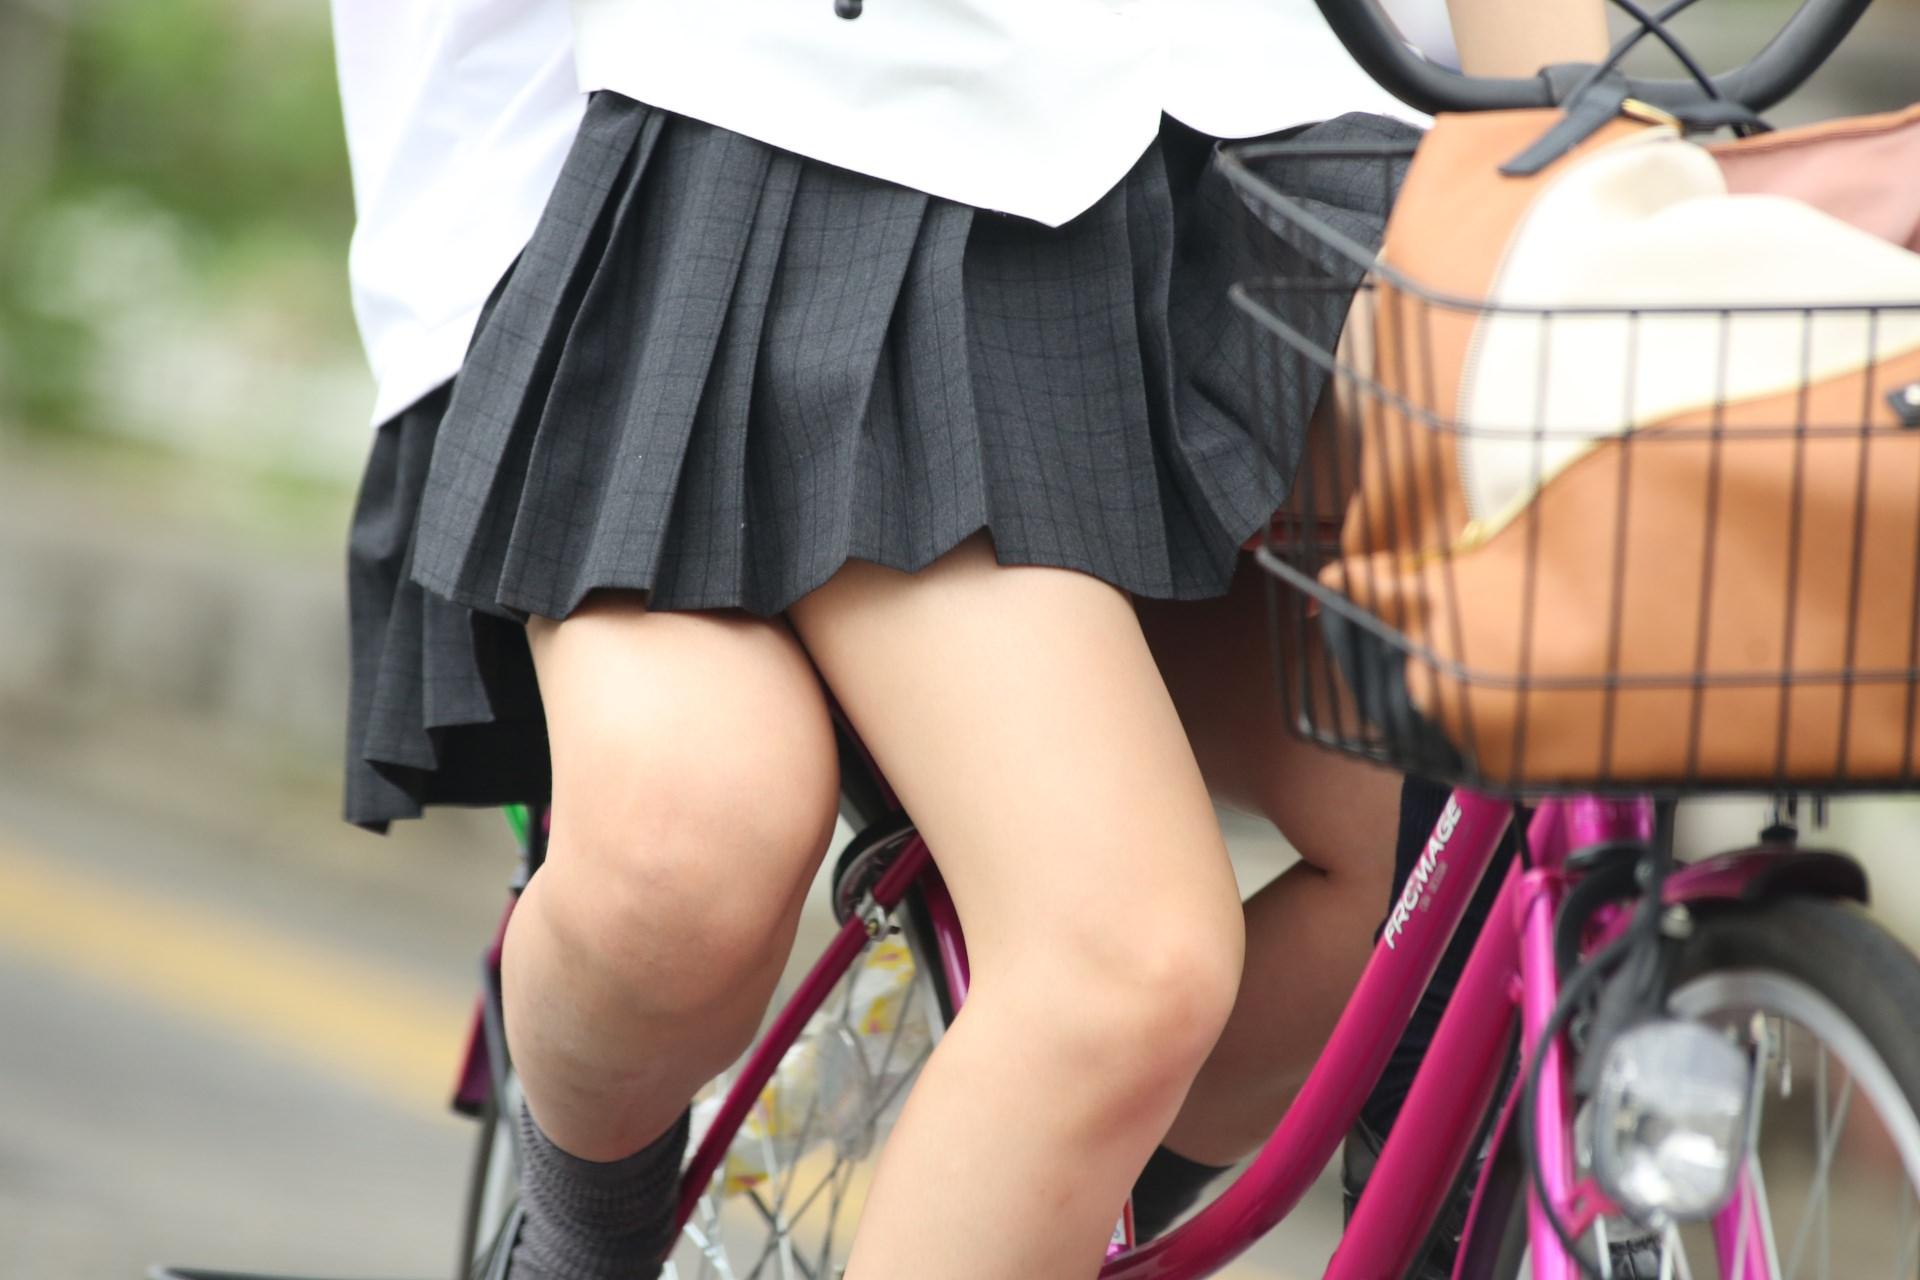 女子高生は50%太ももで出来ていると言う証拠画像がこちらwwwwwwwww Q7BfJWP